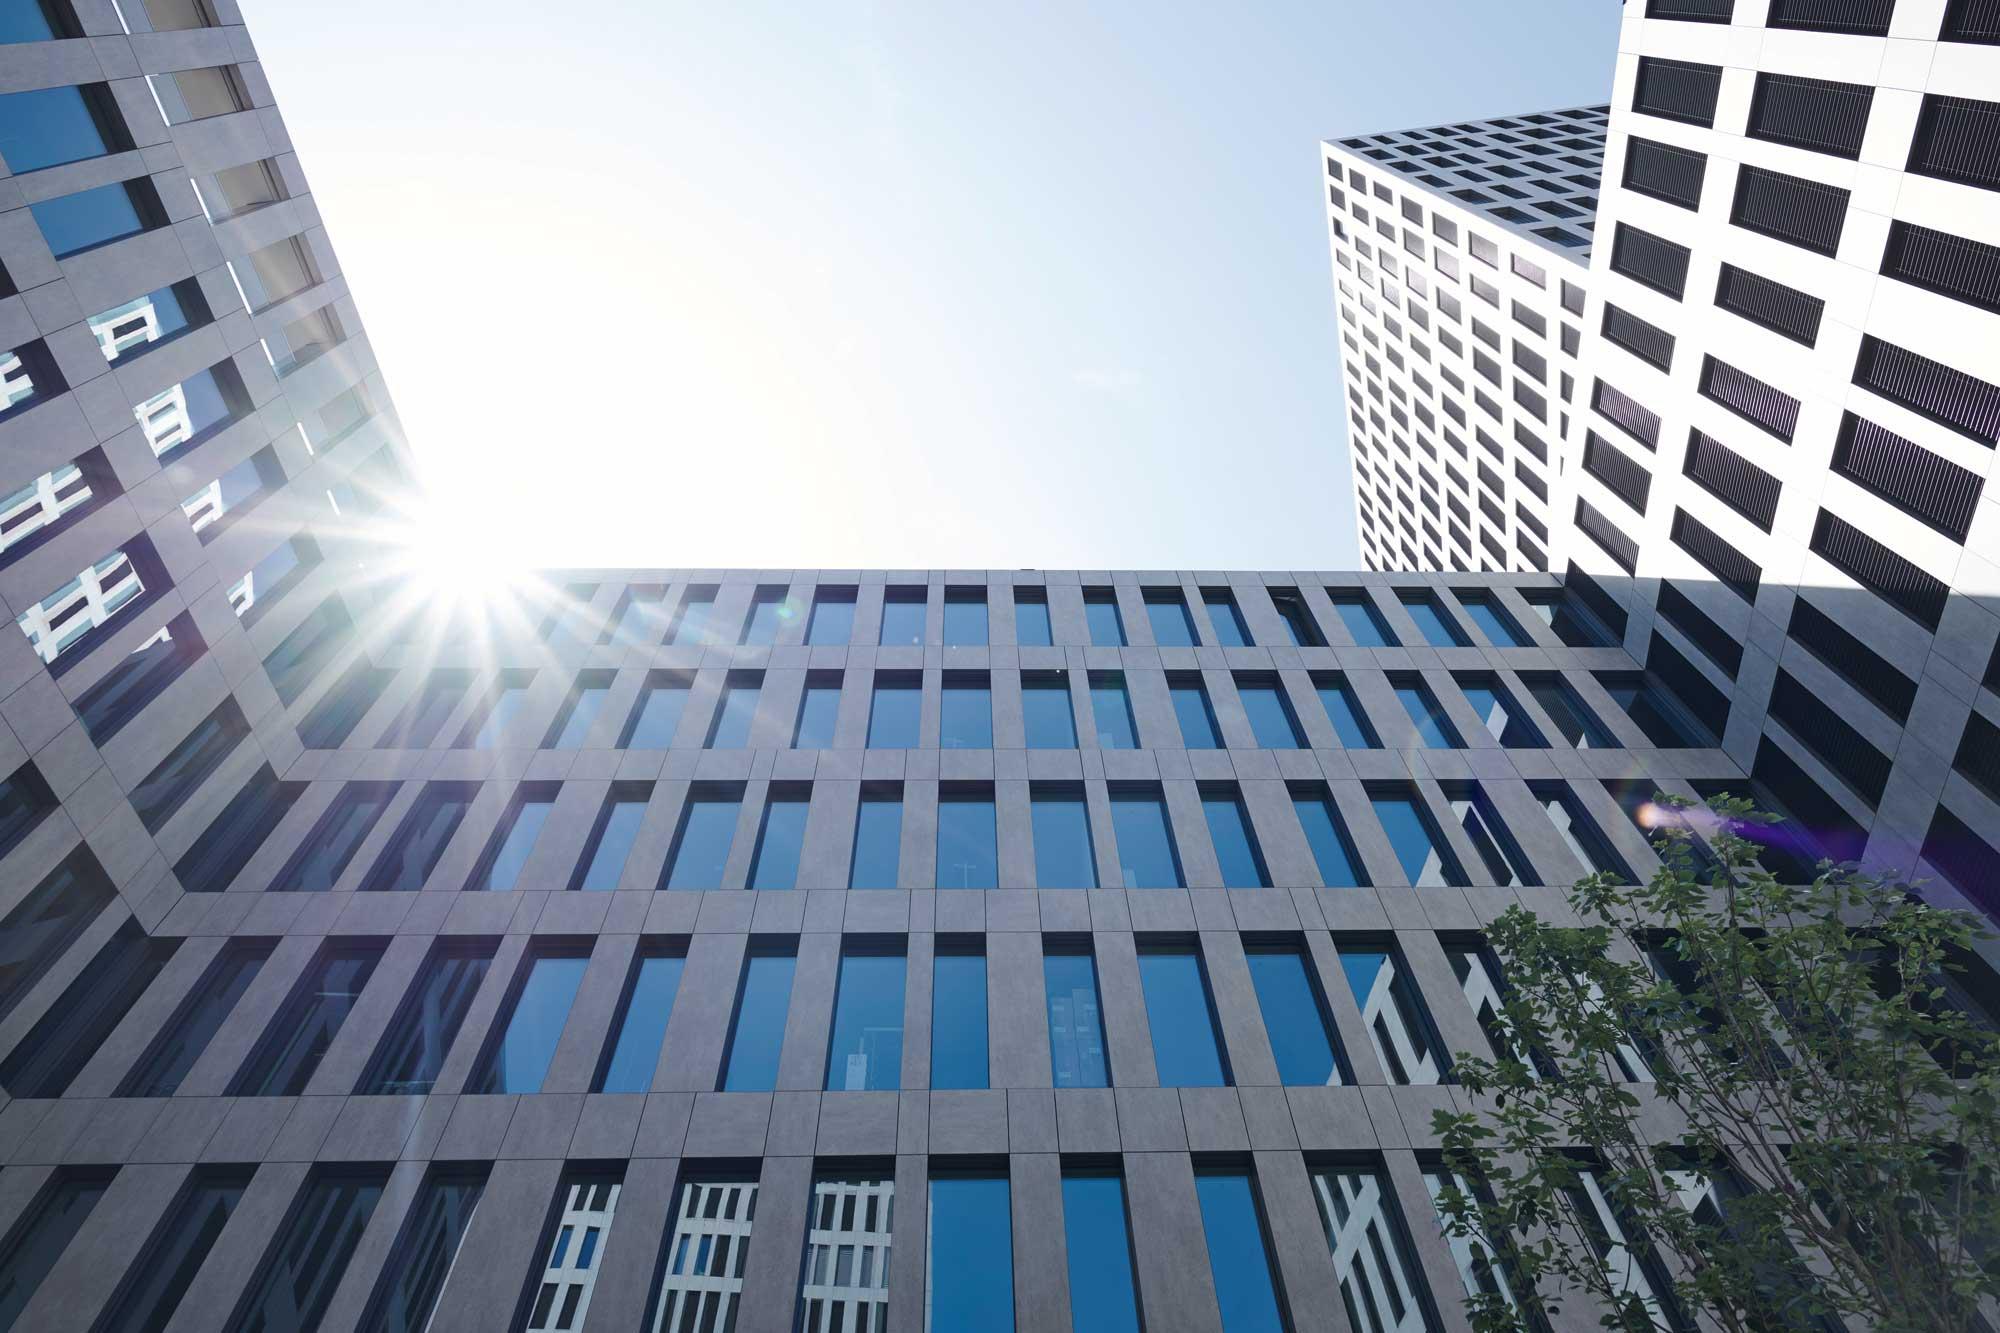 Interview mit Architekt Walter Schelle – DEKTON- Ästhetisch und funktional  - 20200710 Kap West  Munchen 0730 55